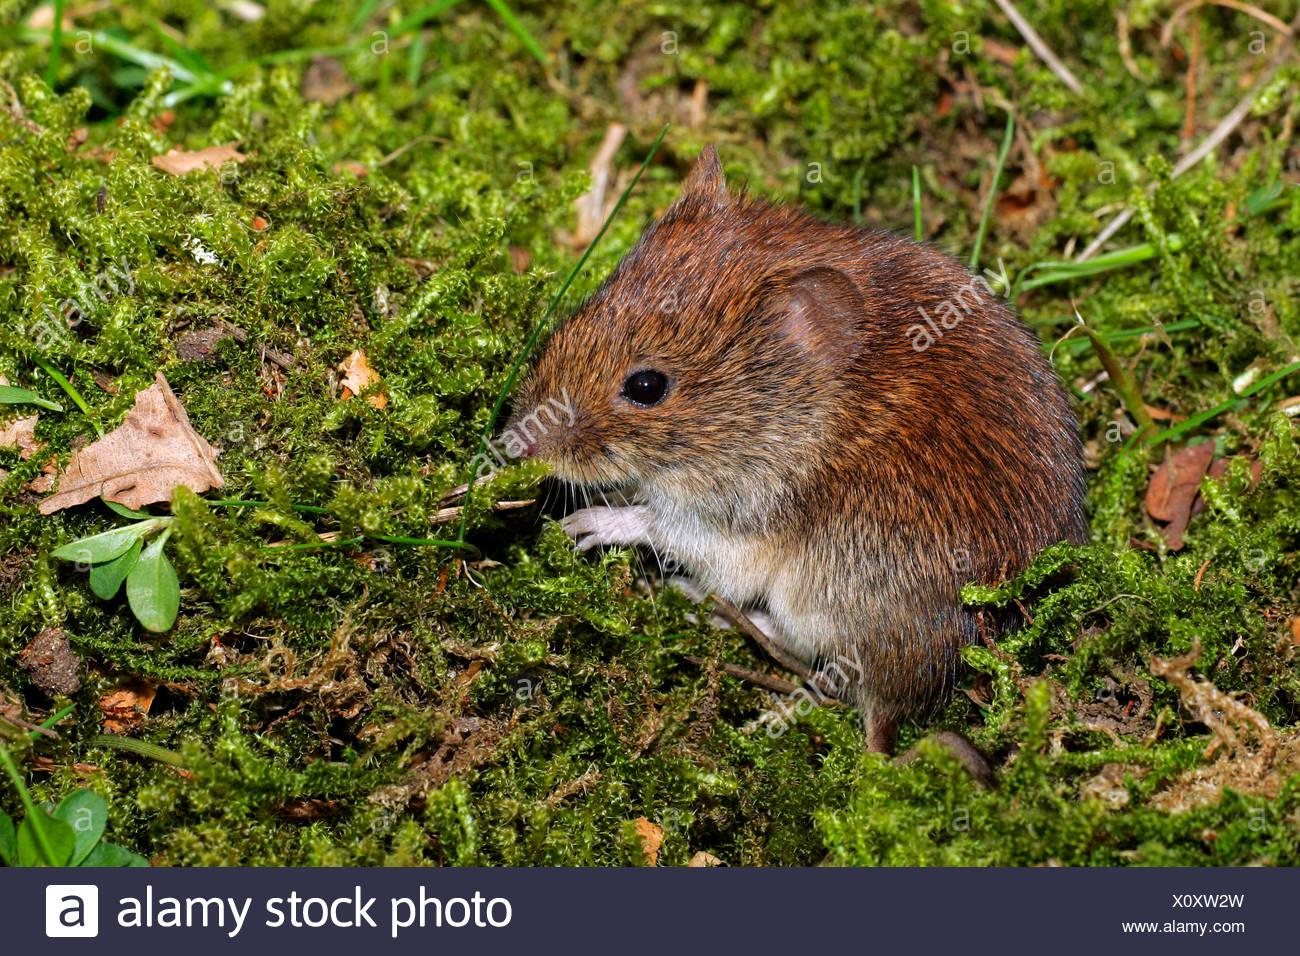 Bank vole - mouse - (Clethrionomys glareolus) (Myodes glareolus) - Stock Image